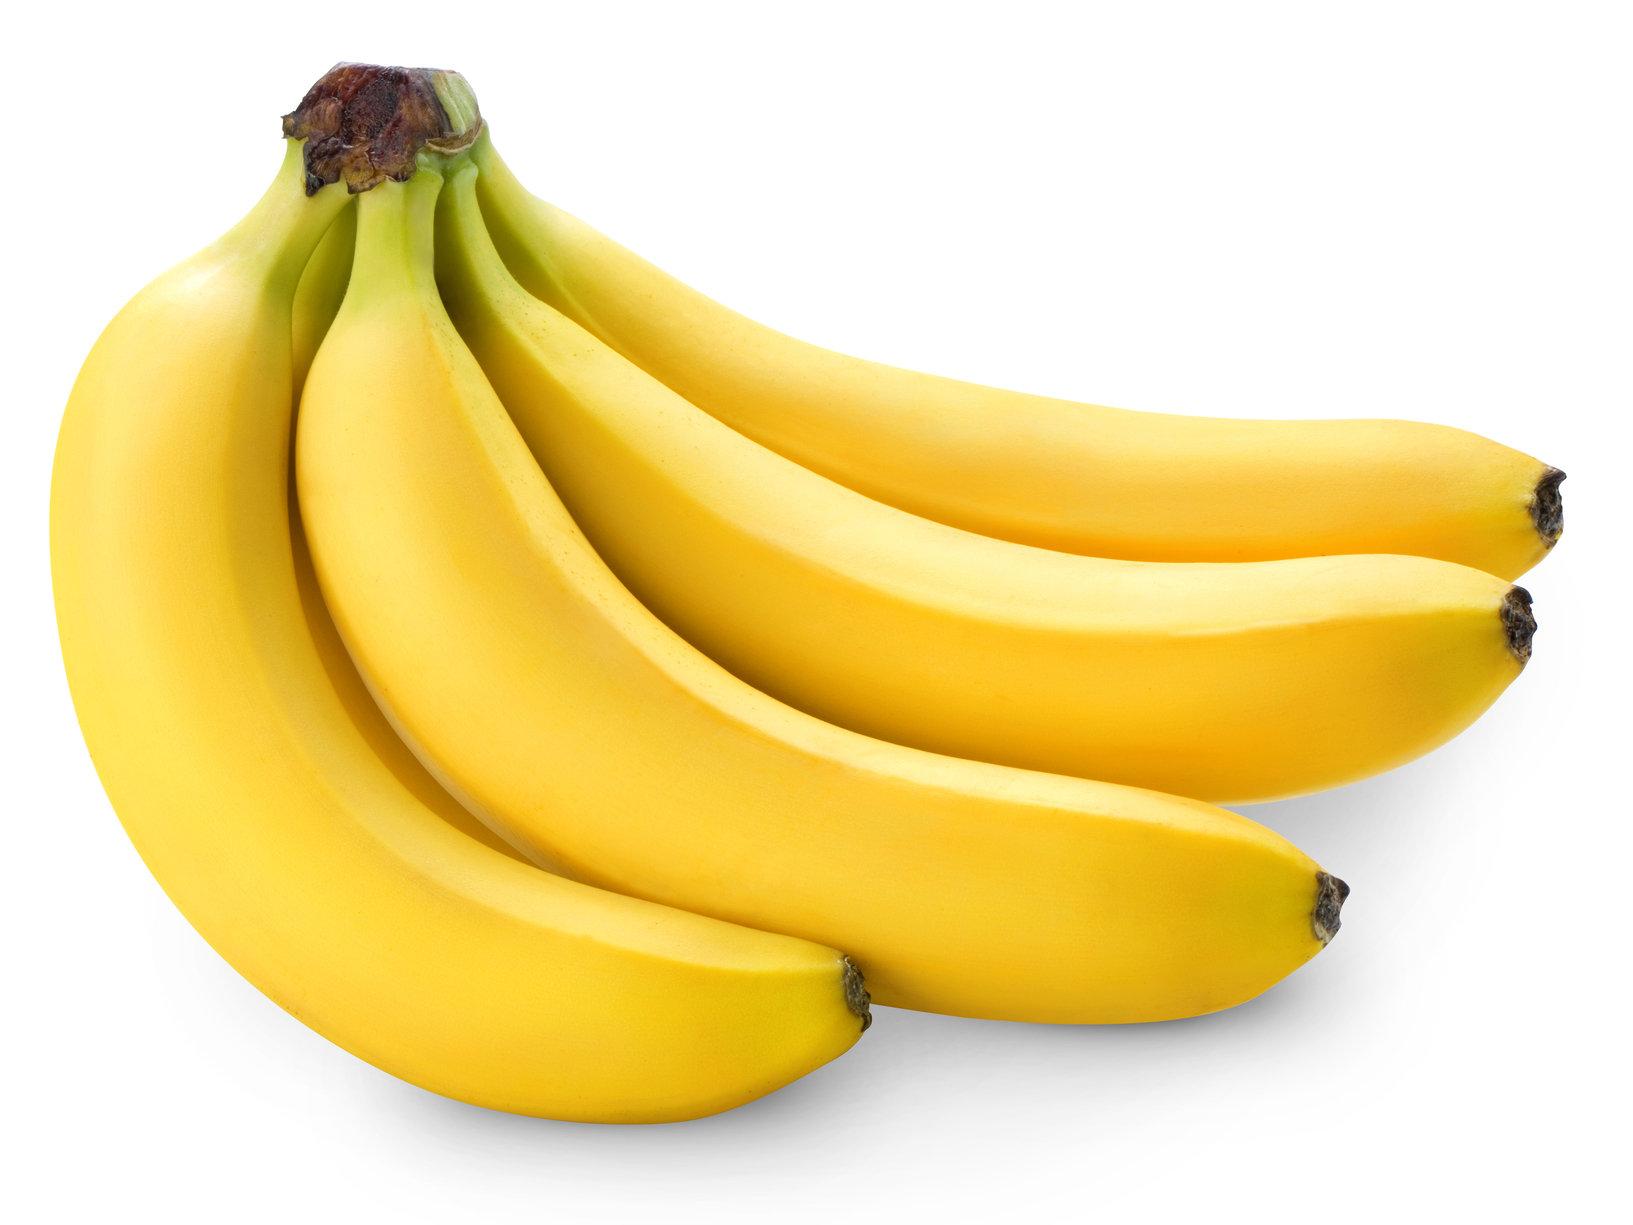 banane-douce enceinte